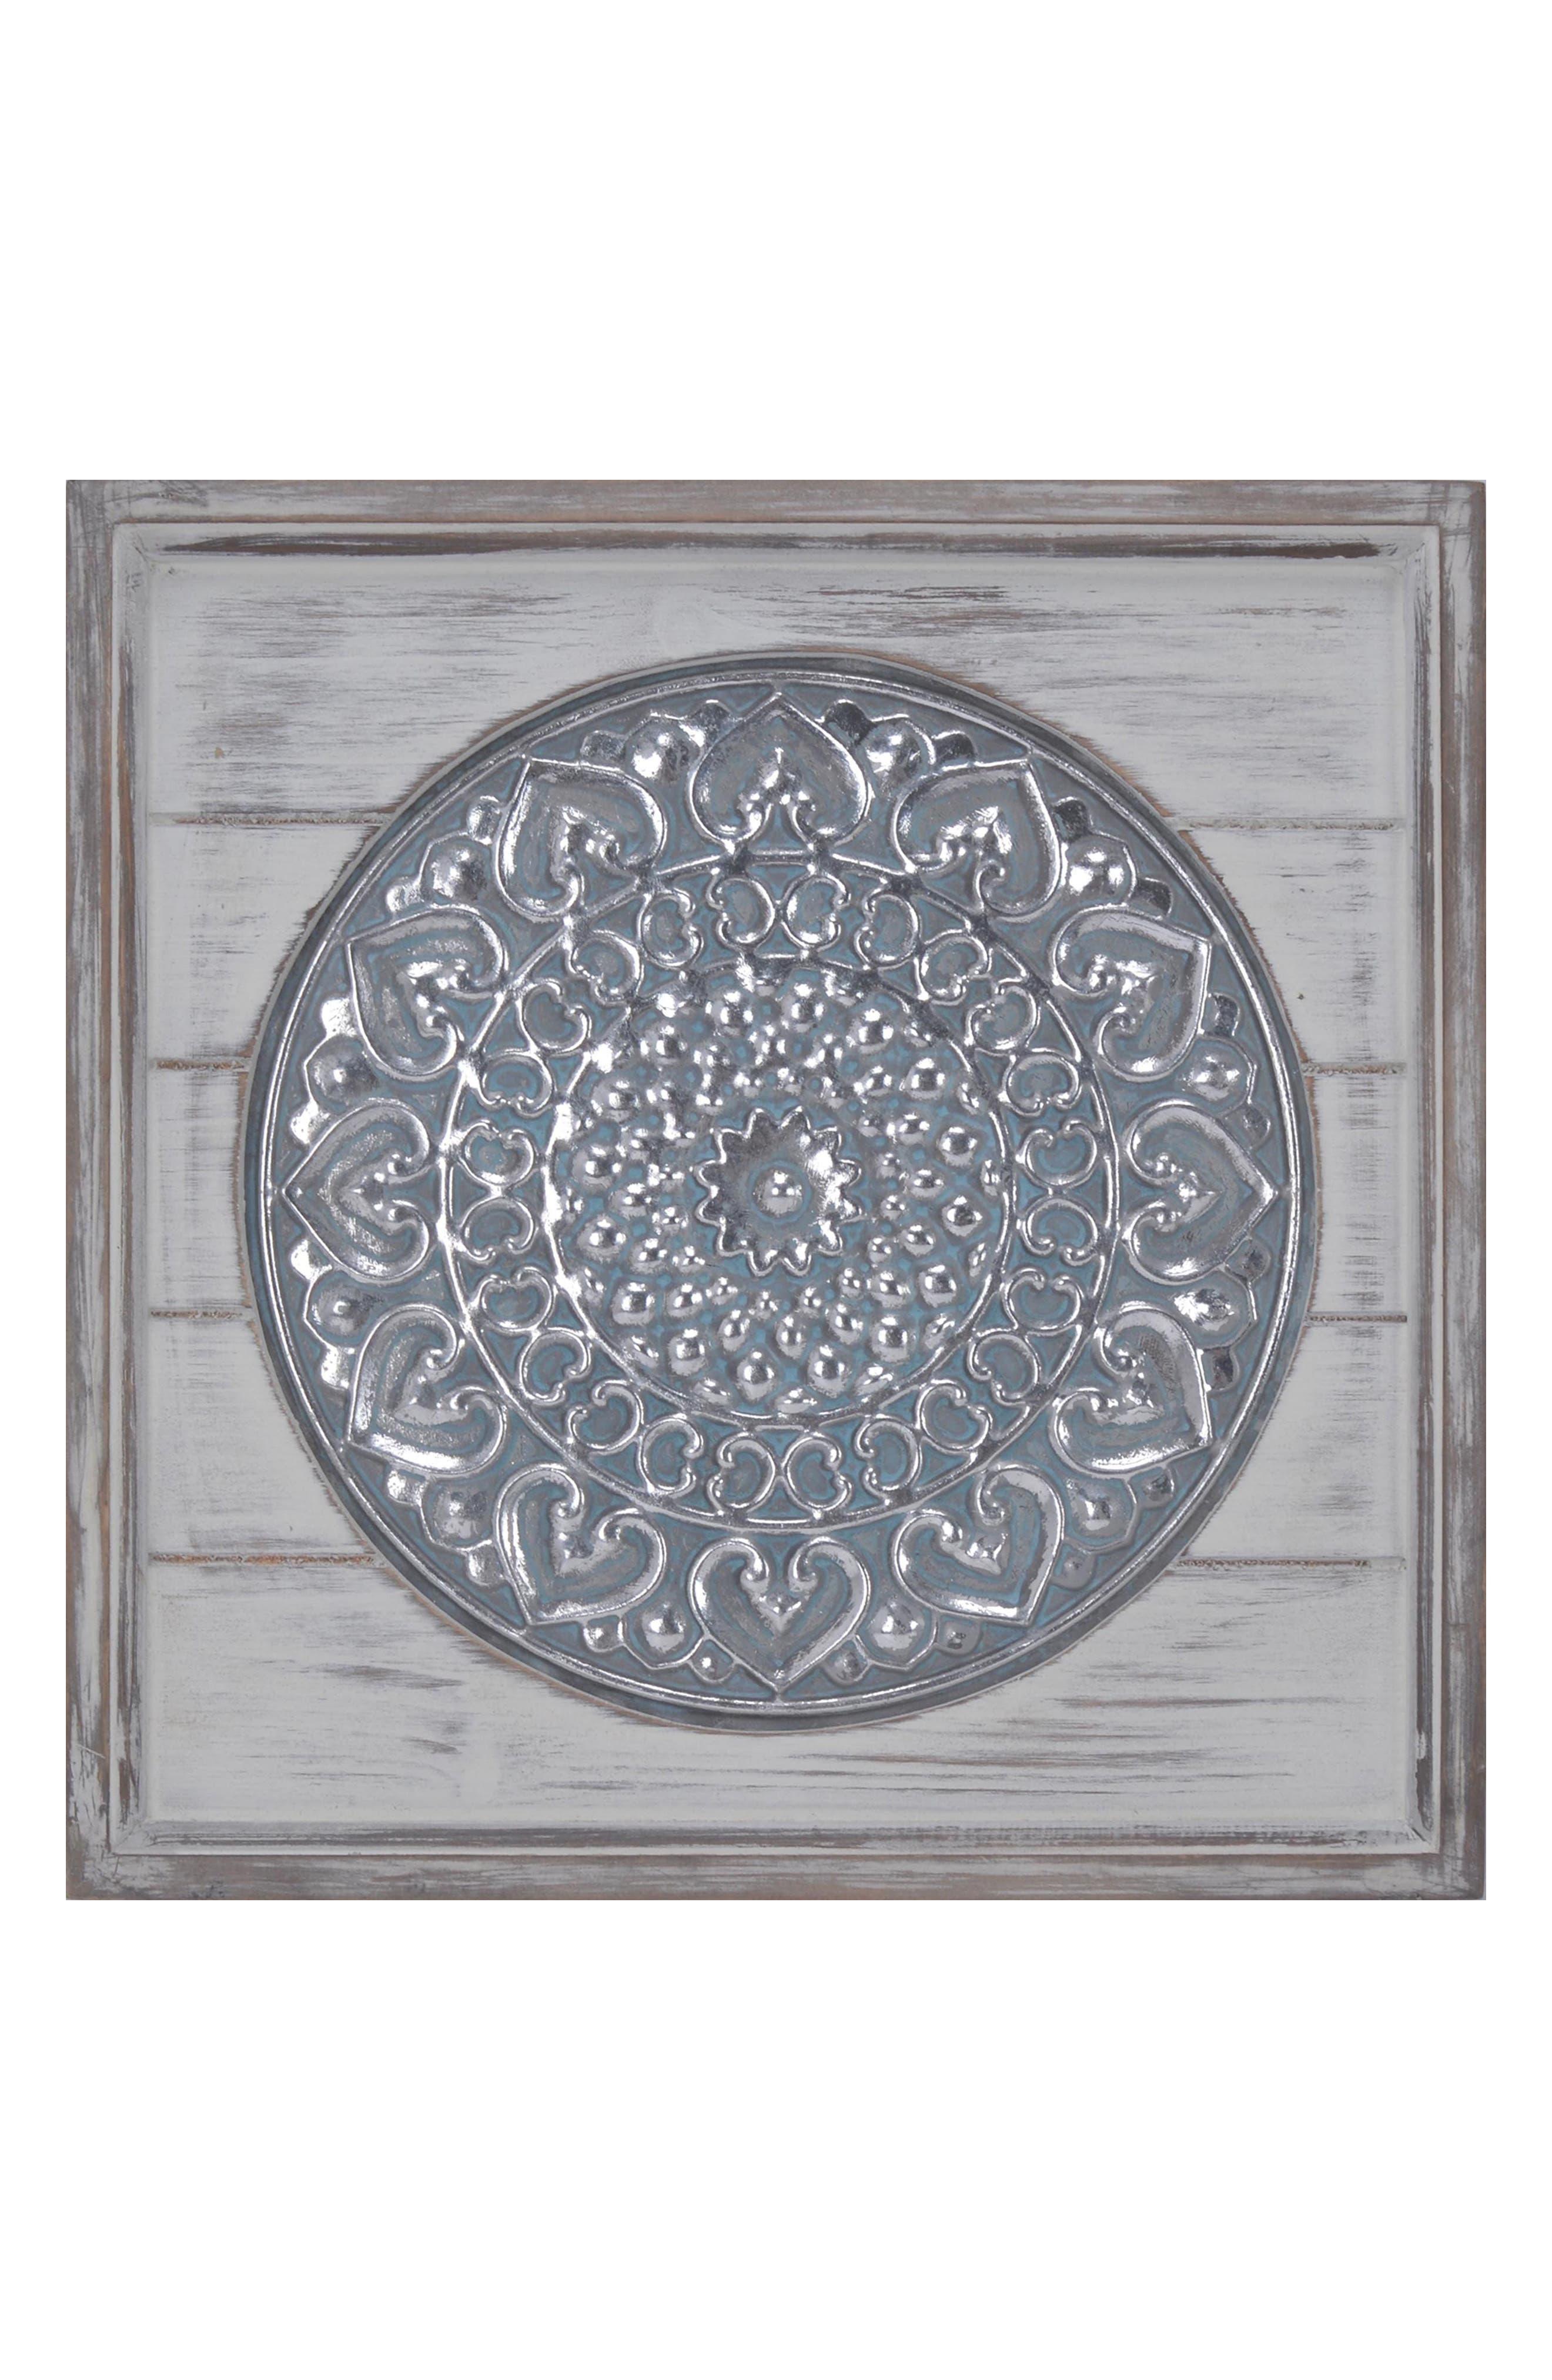 Crystal Art Gallery Wood & Metal Wall Art